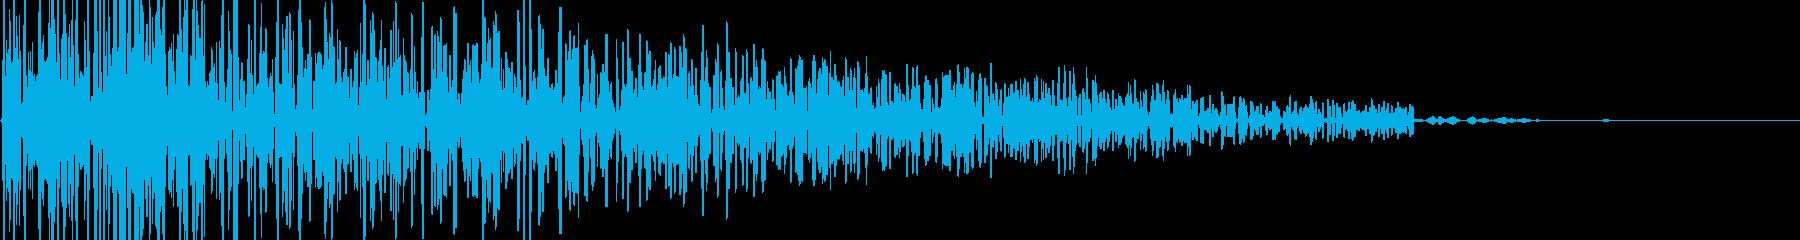 ドーン(爆発/エンジン魔法/衝撃/レトロの再生済みの波形